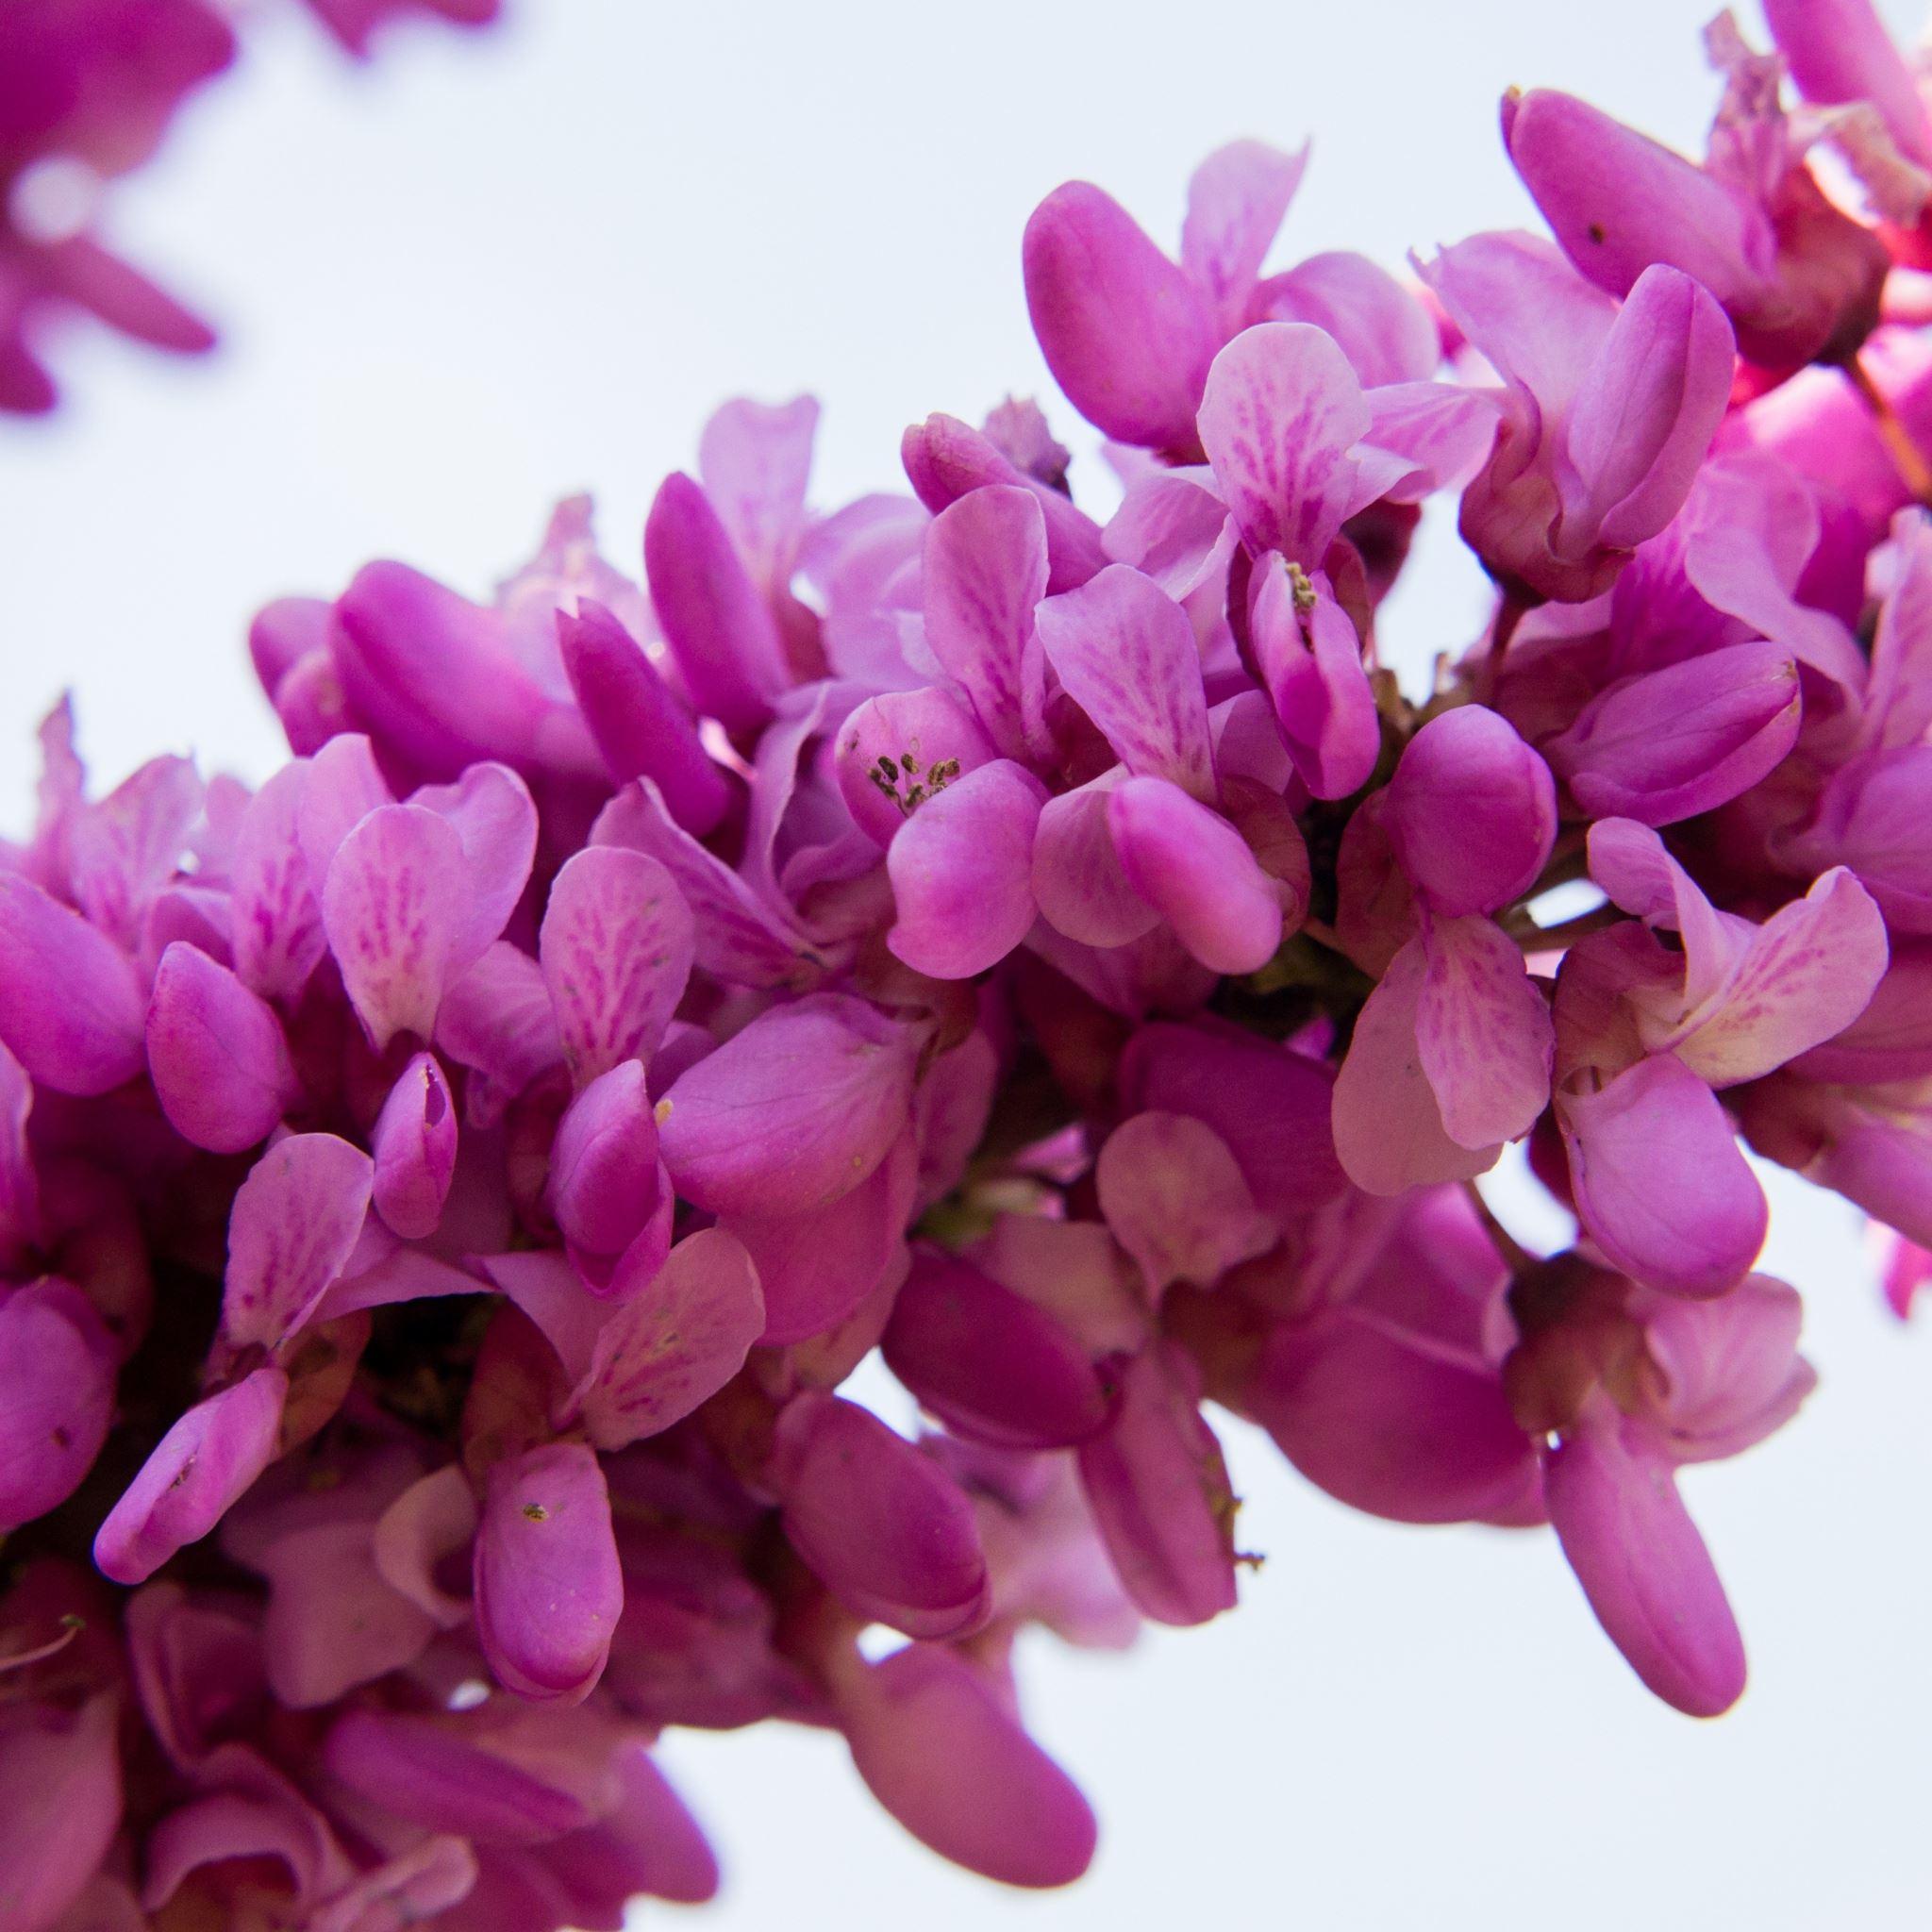 Cercis Siliquastrum Flowers Twig iPad Air wallpaper